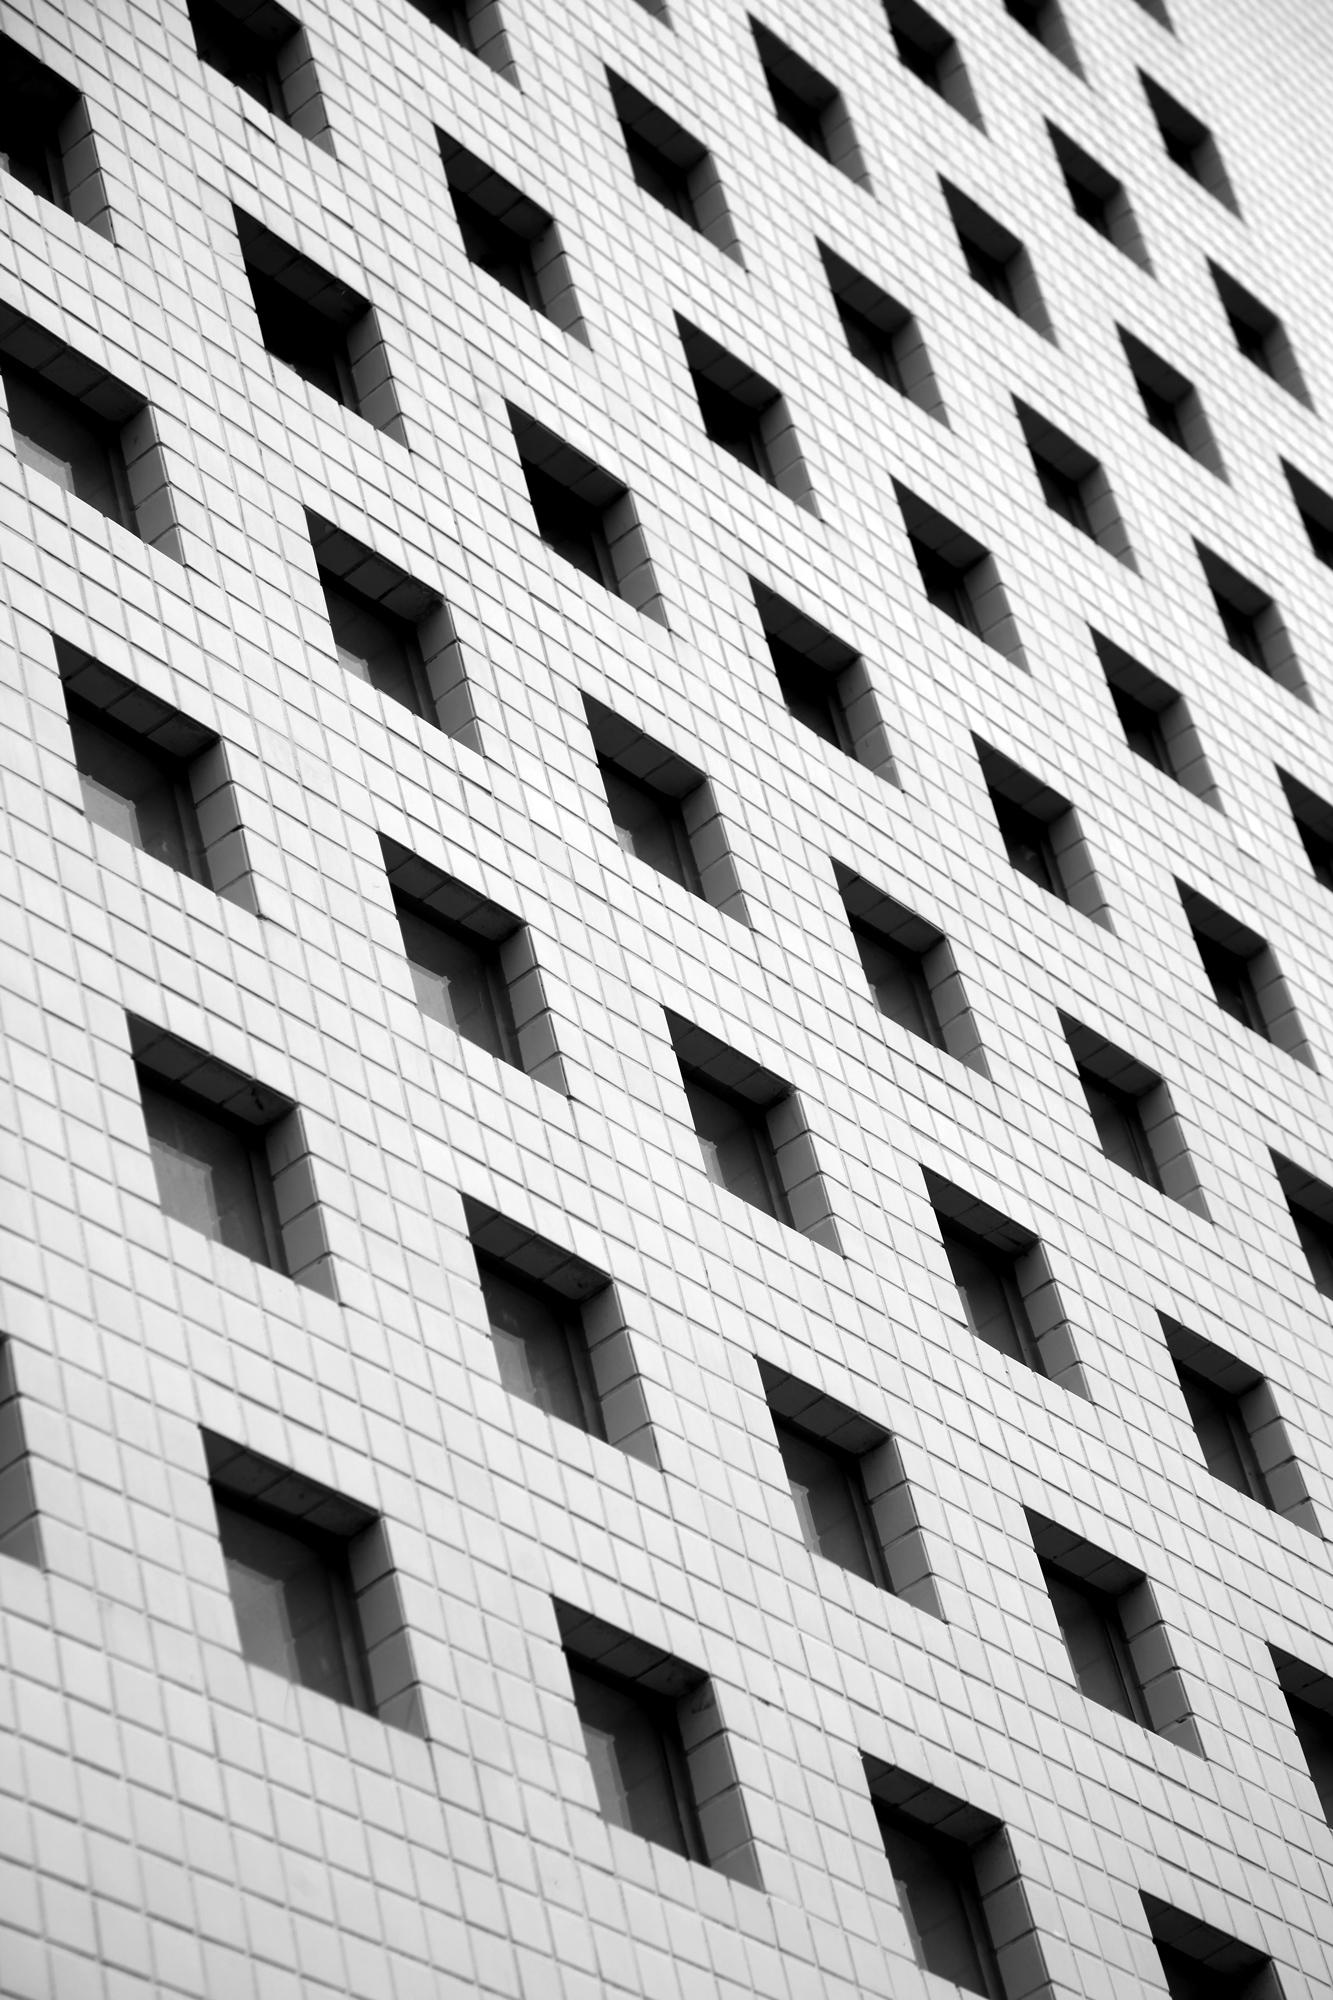 竹北惠友遠見大樓樓梯外觀黑白